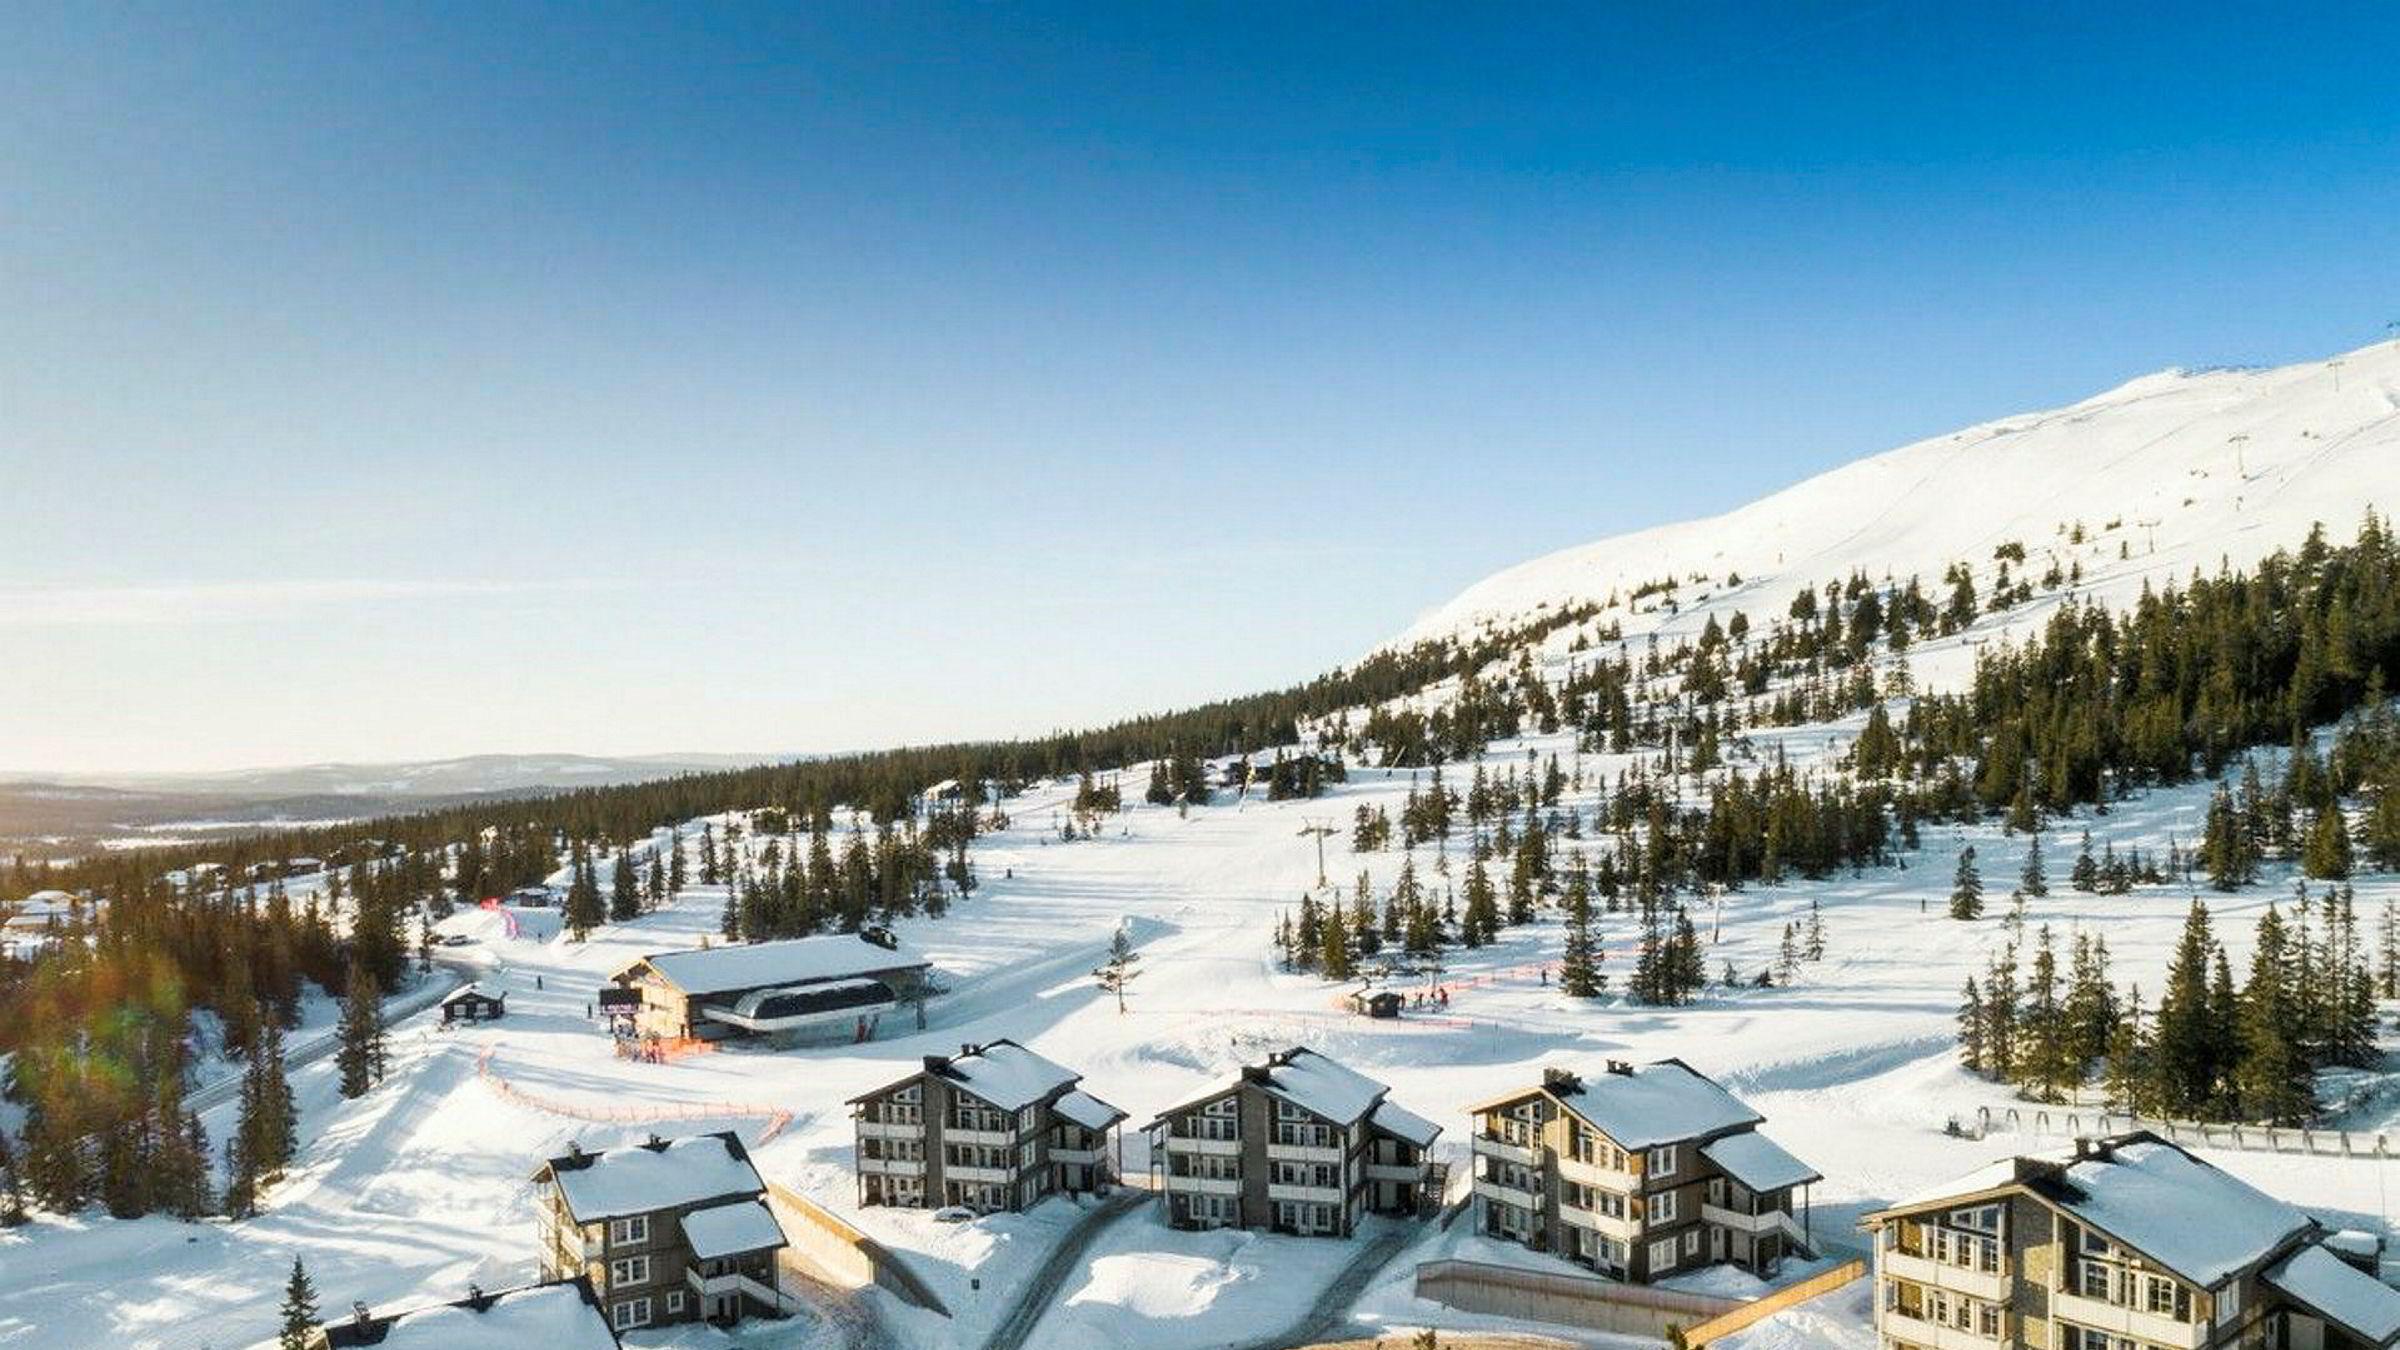 Eiendomsmegler Petter Birkrem i Privatmegleren Ullevål har solgt to fritidsleiligheter med høy standard her på Trysil Mountain Lodge, en til 5,89 og en til 5,925 millioner kroner.